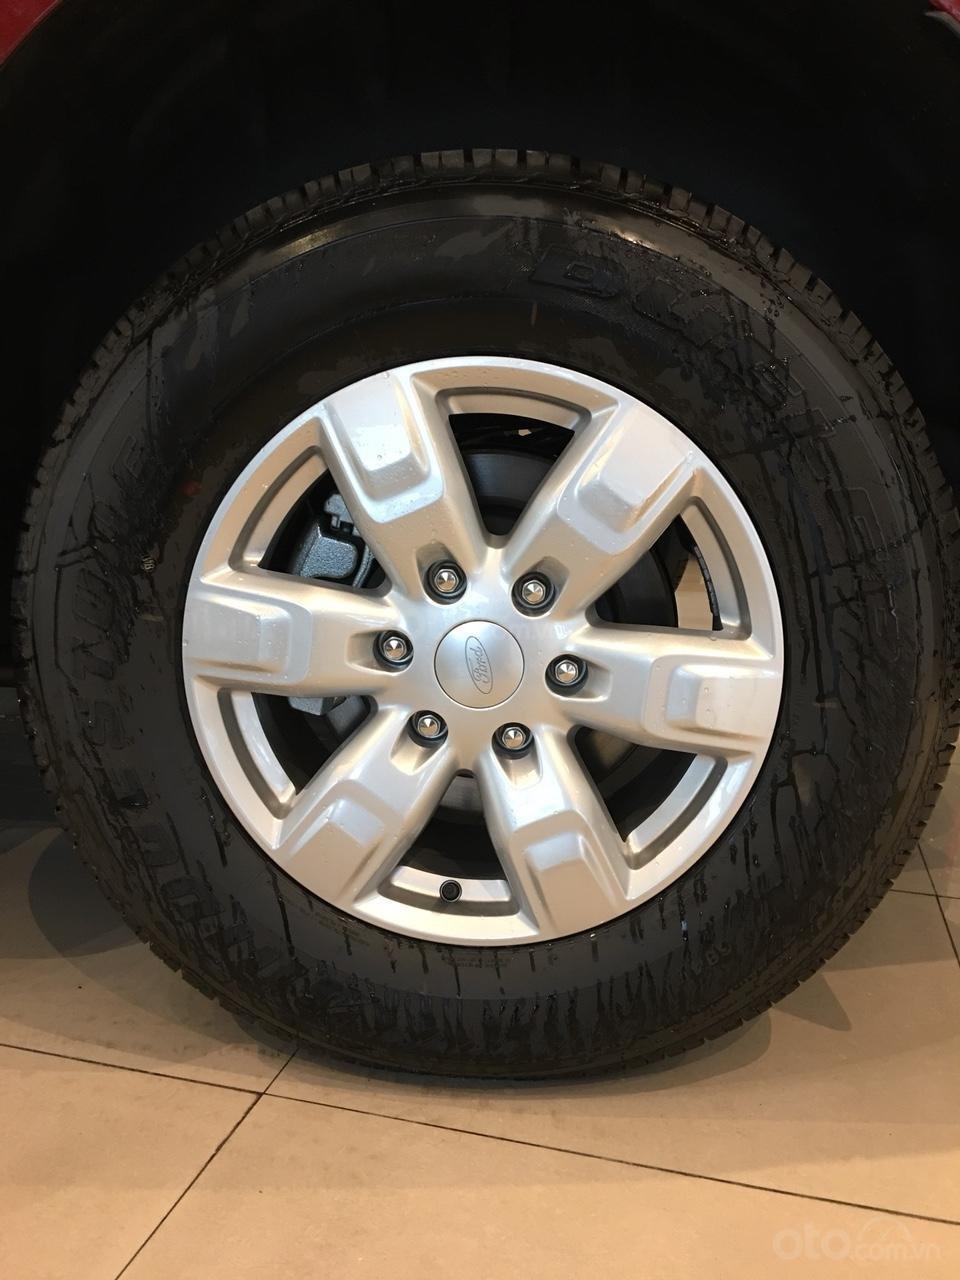 0358548613 - Bán xe Ford Everest Ambient AT số vin 2018 - giá cực sốc - ưu đãi khủng-5